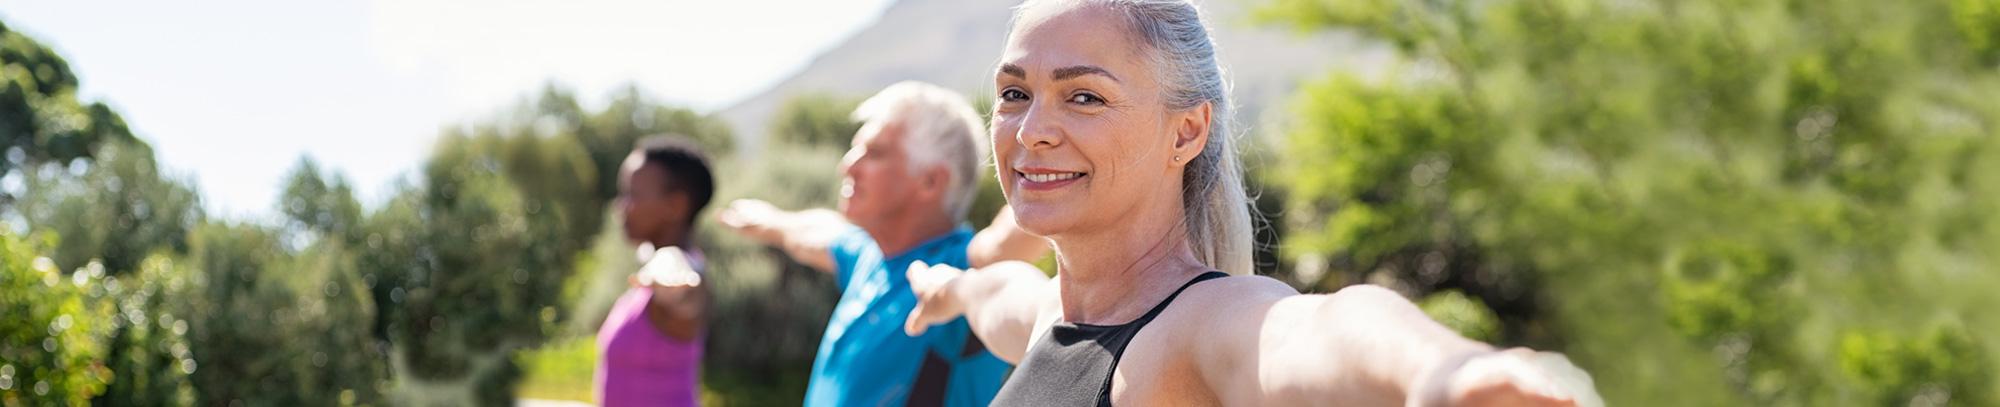 Woman doing yoga looking at camera